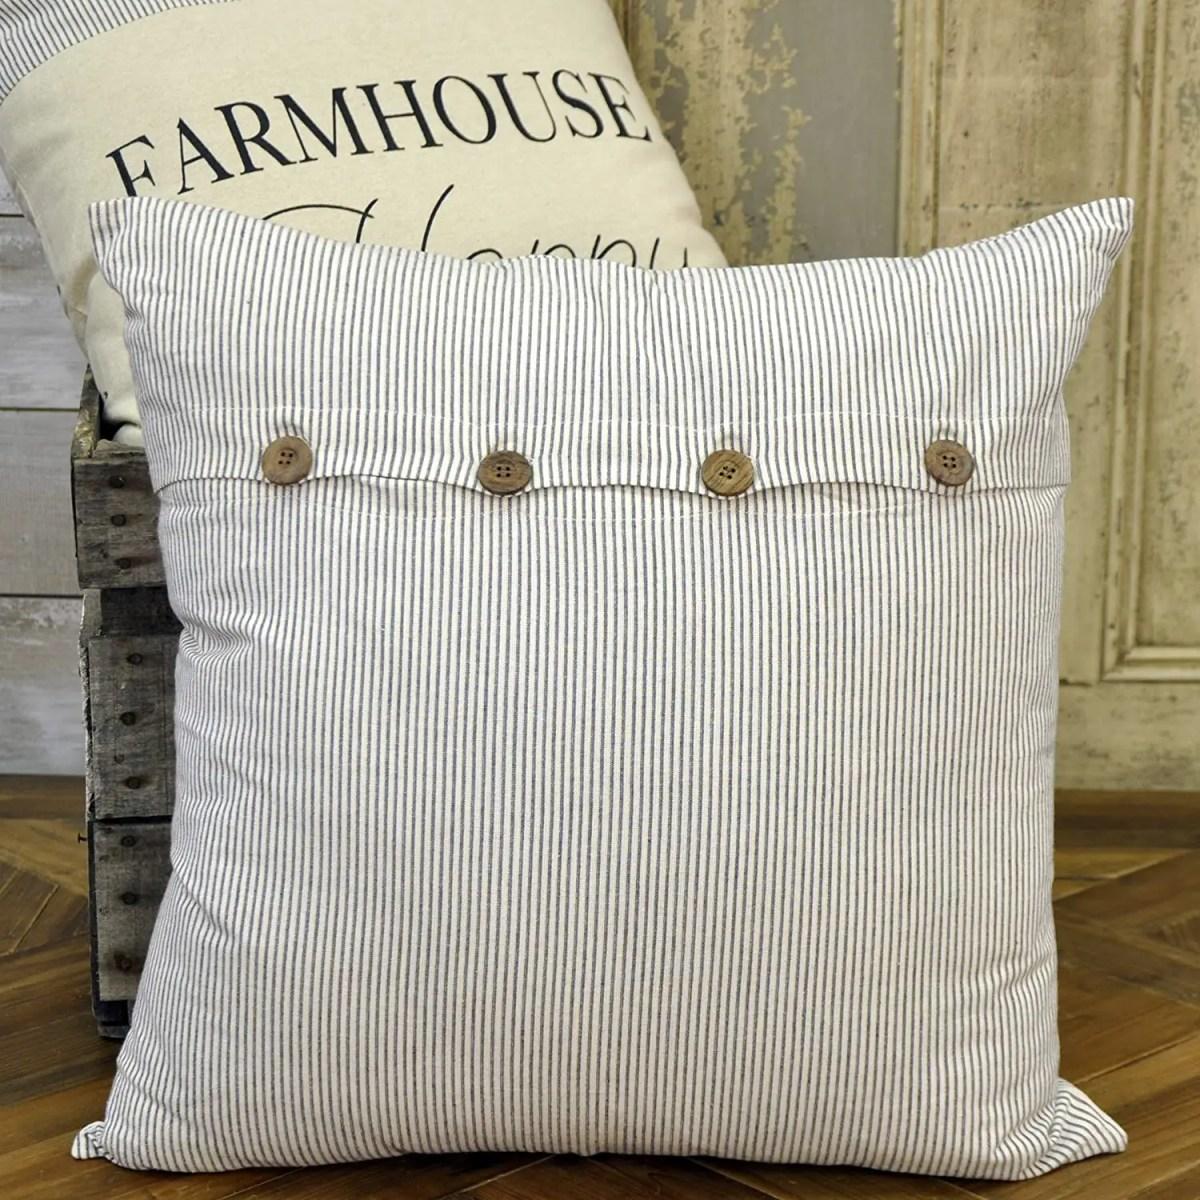 Ticking-Stripe-Farmhouse-Pillowcase